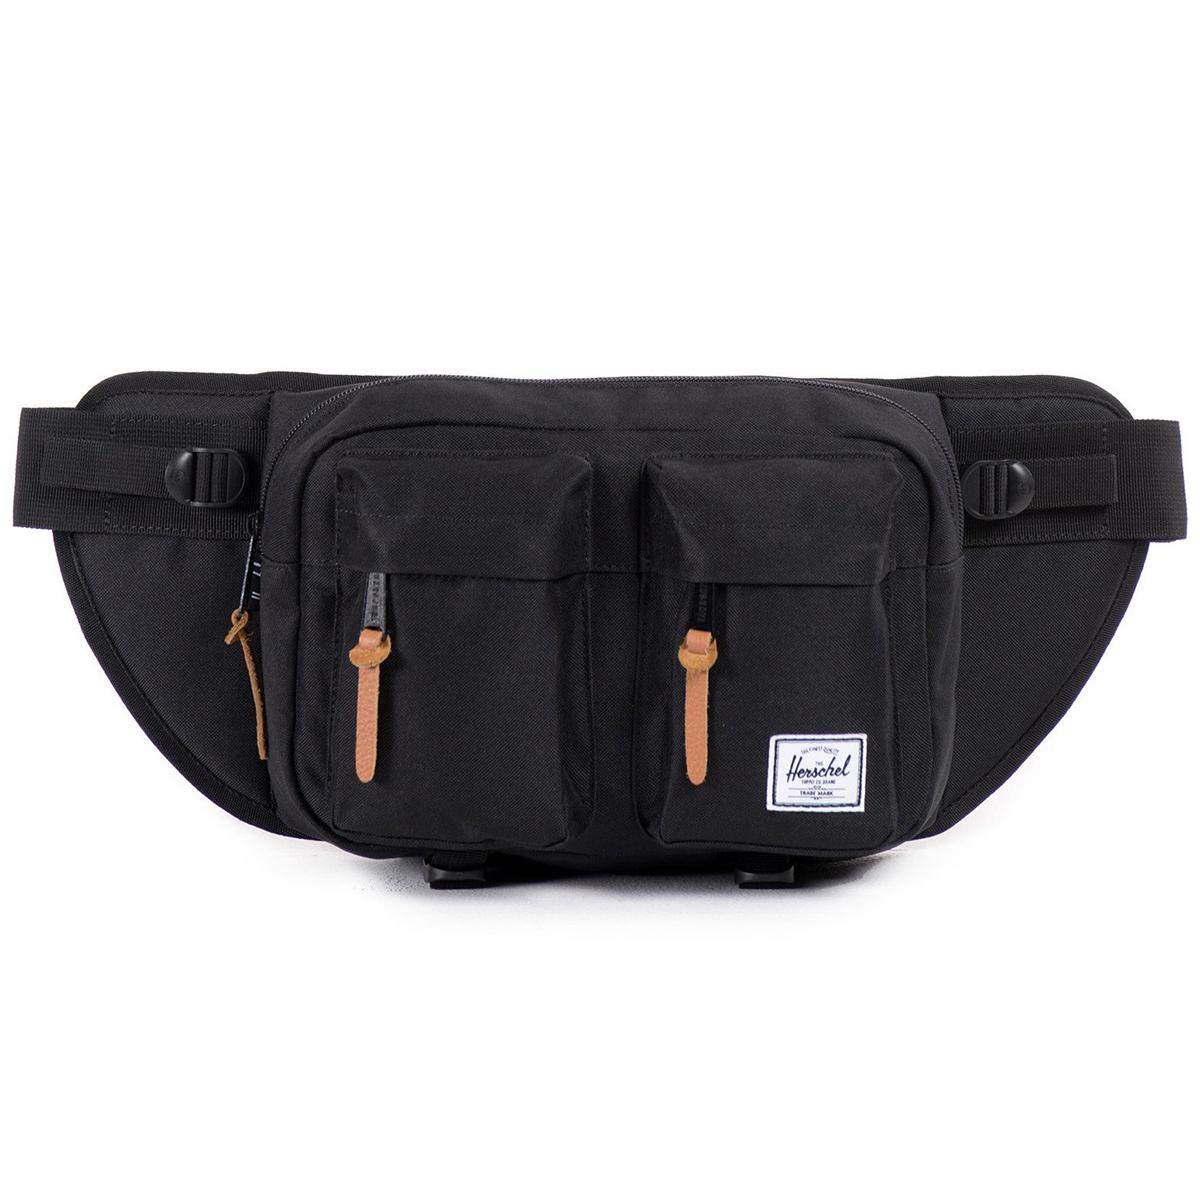 Сумка на пояс Herschel Eighteen (A/S), цвет: черный. 828432006830828432006830Вместительная поясная сумка с двумя внешними карманами. Эта модель отличается своим объемом, за счет которого Вы всегда сможете взять собой чуть больше нужных вещей. Удобный поясной ремень позволяет носить сумку также через плечо, что несомненно оценят, например, любители велосипедных прогулок.